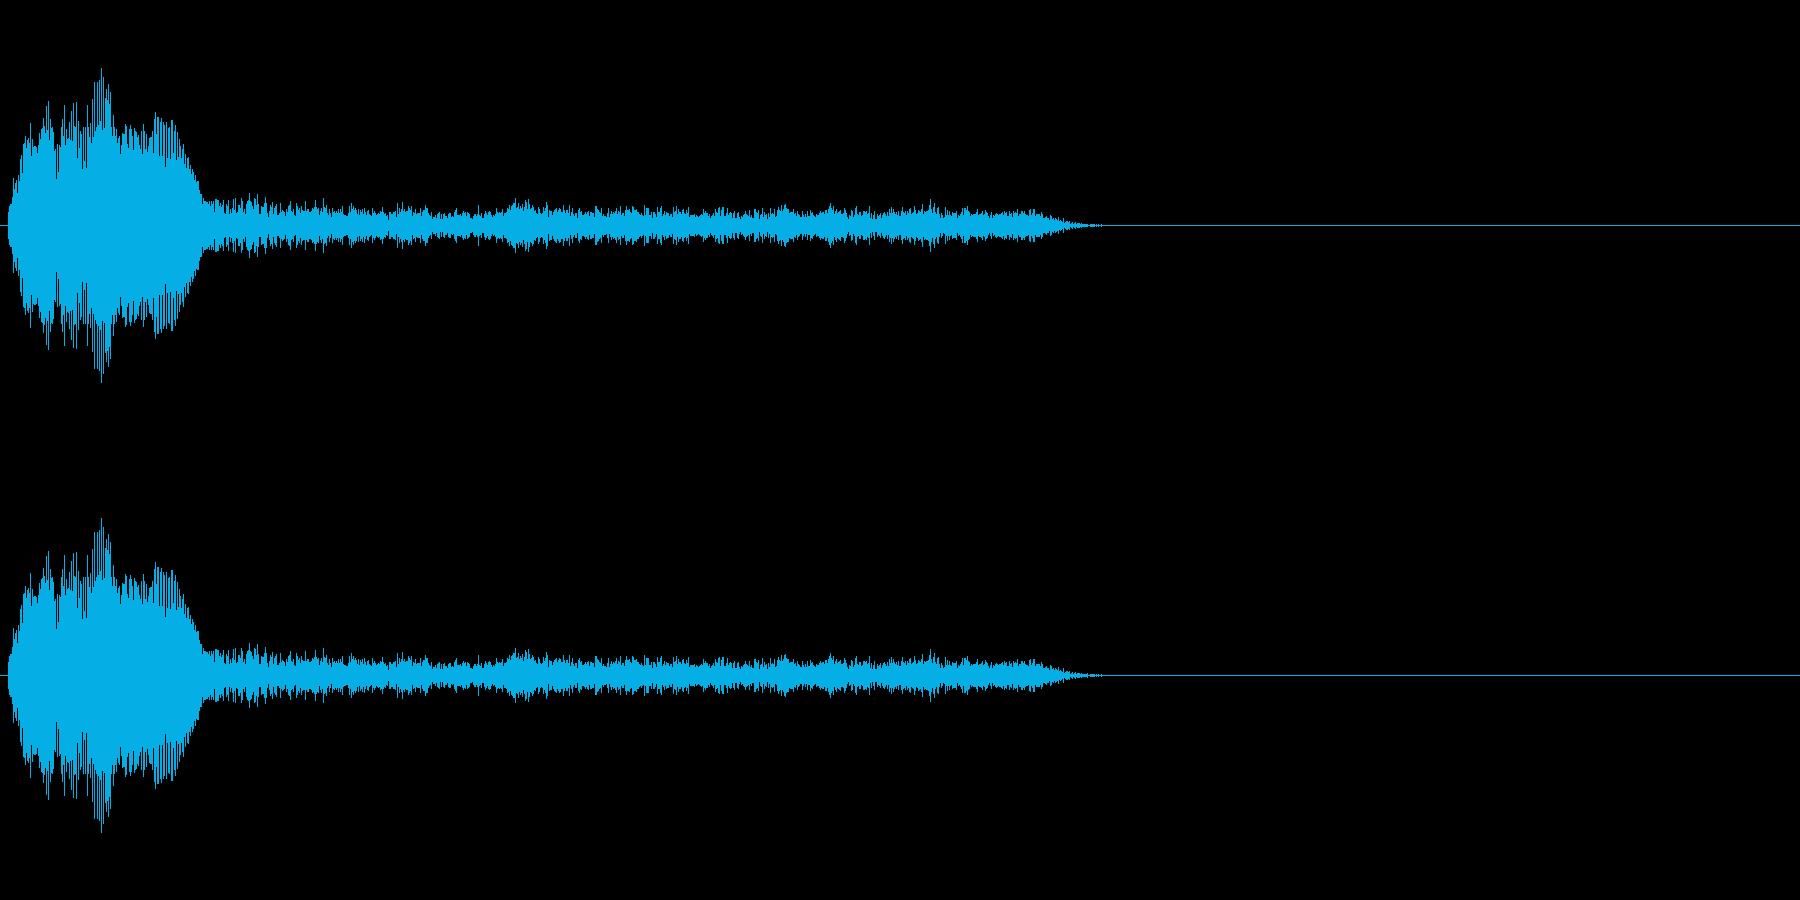 SF系ワンショット(ワギャワギャ)の再生済みの波形